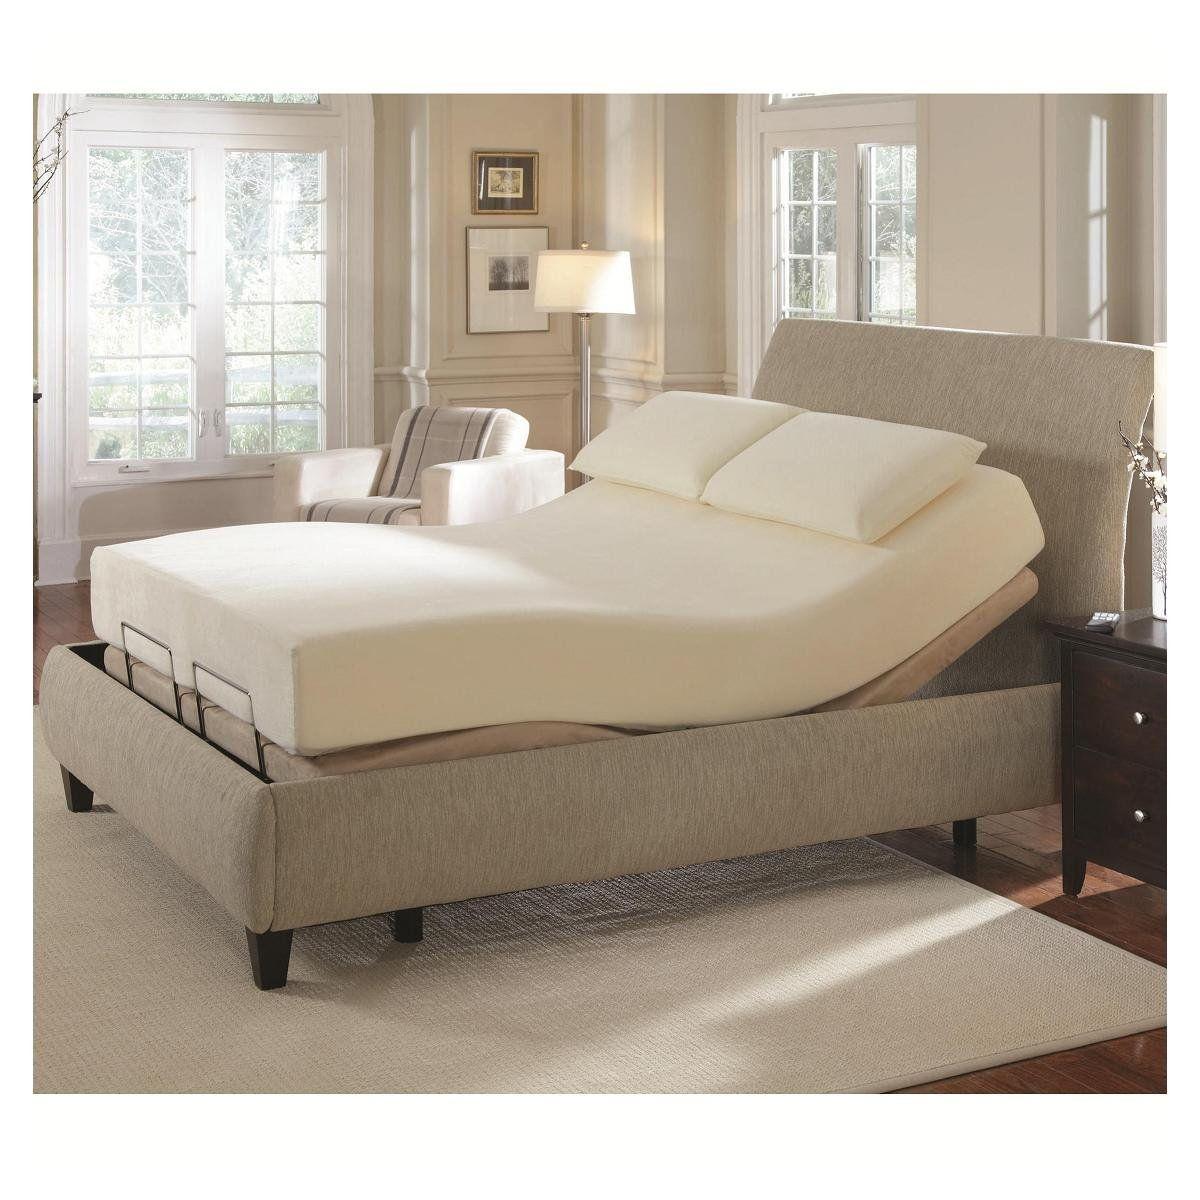 California King Long Adjustable Massage Bed Em217899 Emporium Com Adjustable Bed Base Adjustable Beds Adjustable Bed Frame